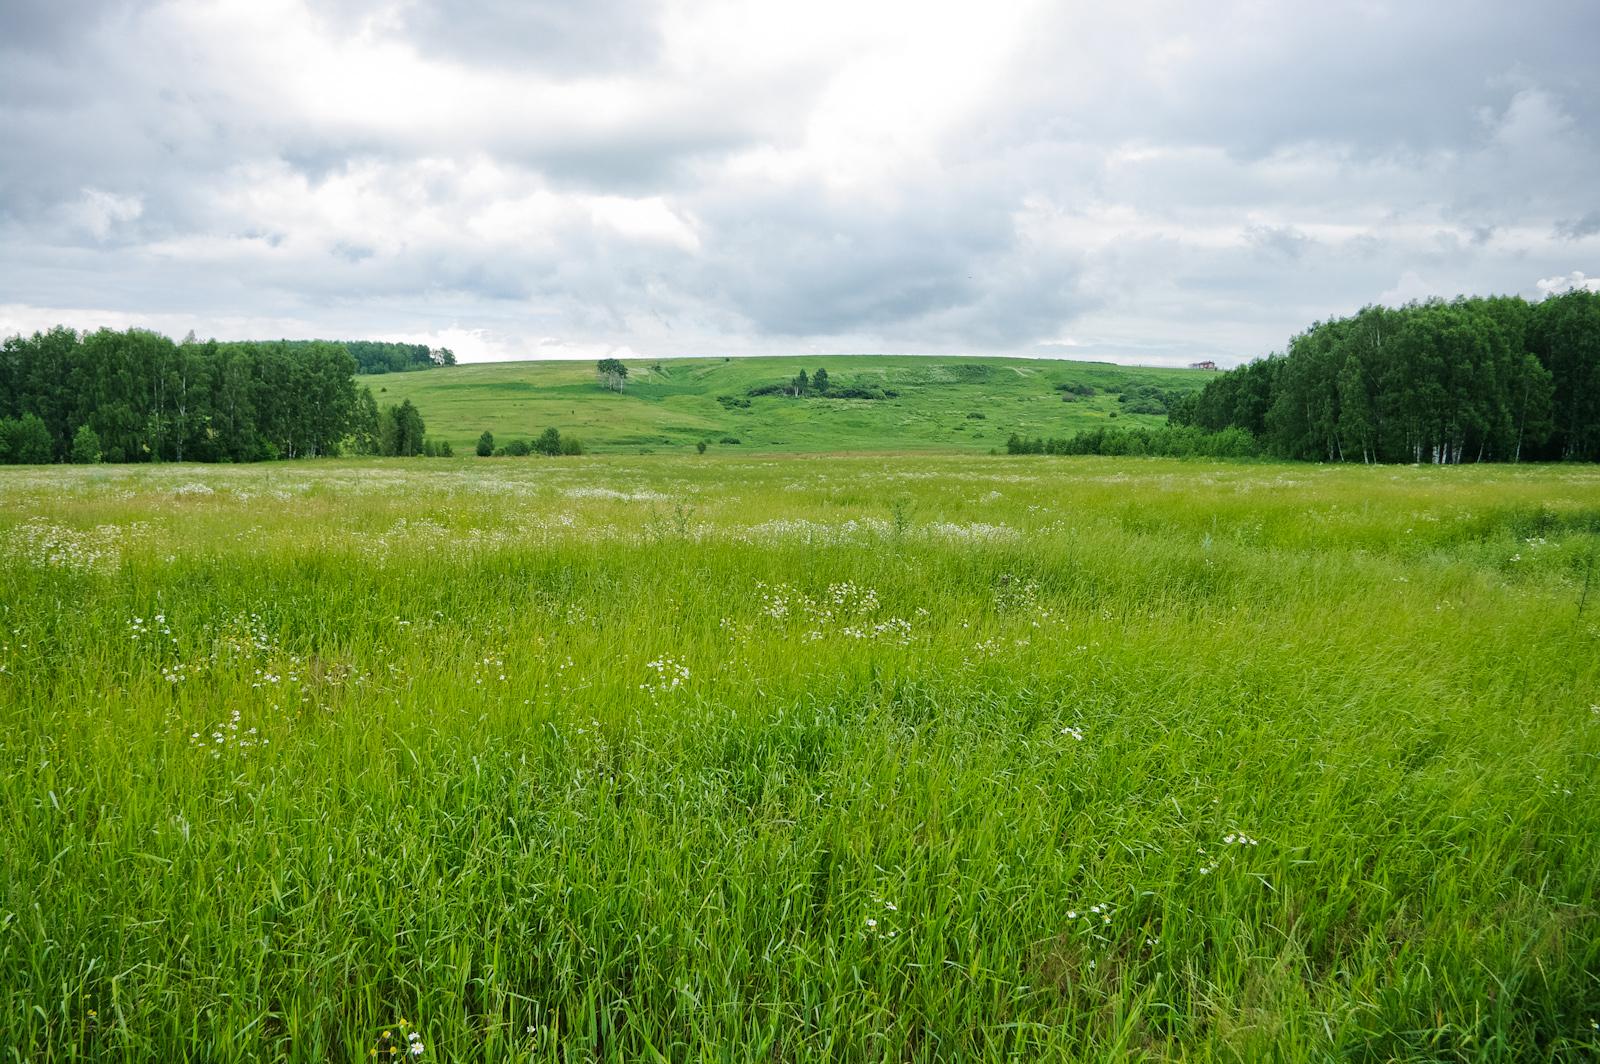 Сотрудникам екатеринбургского предприятия раздавали за деньги чужую землю